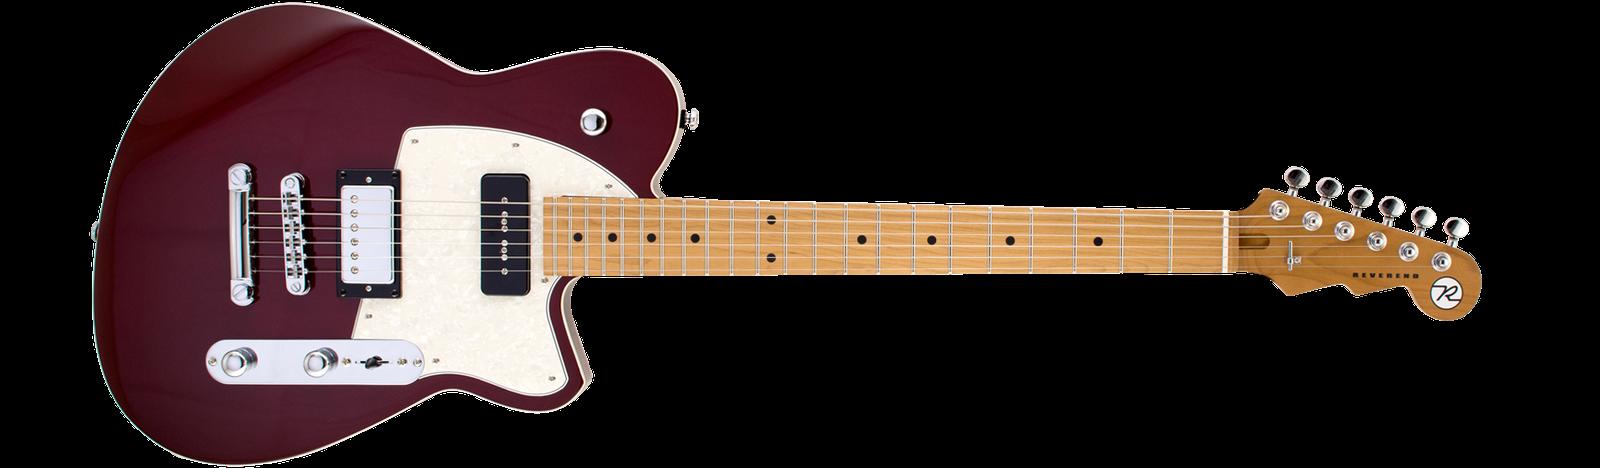 Reverend Guitars Double Agent OG Medieval Red